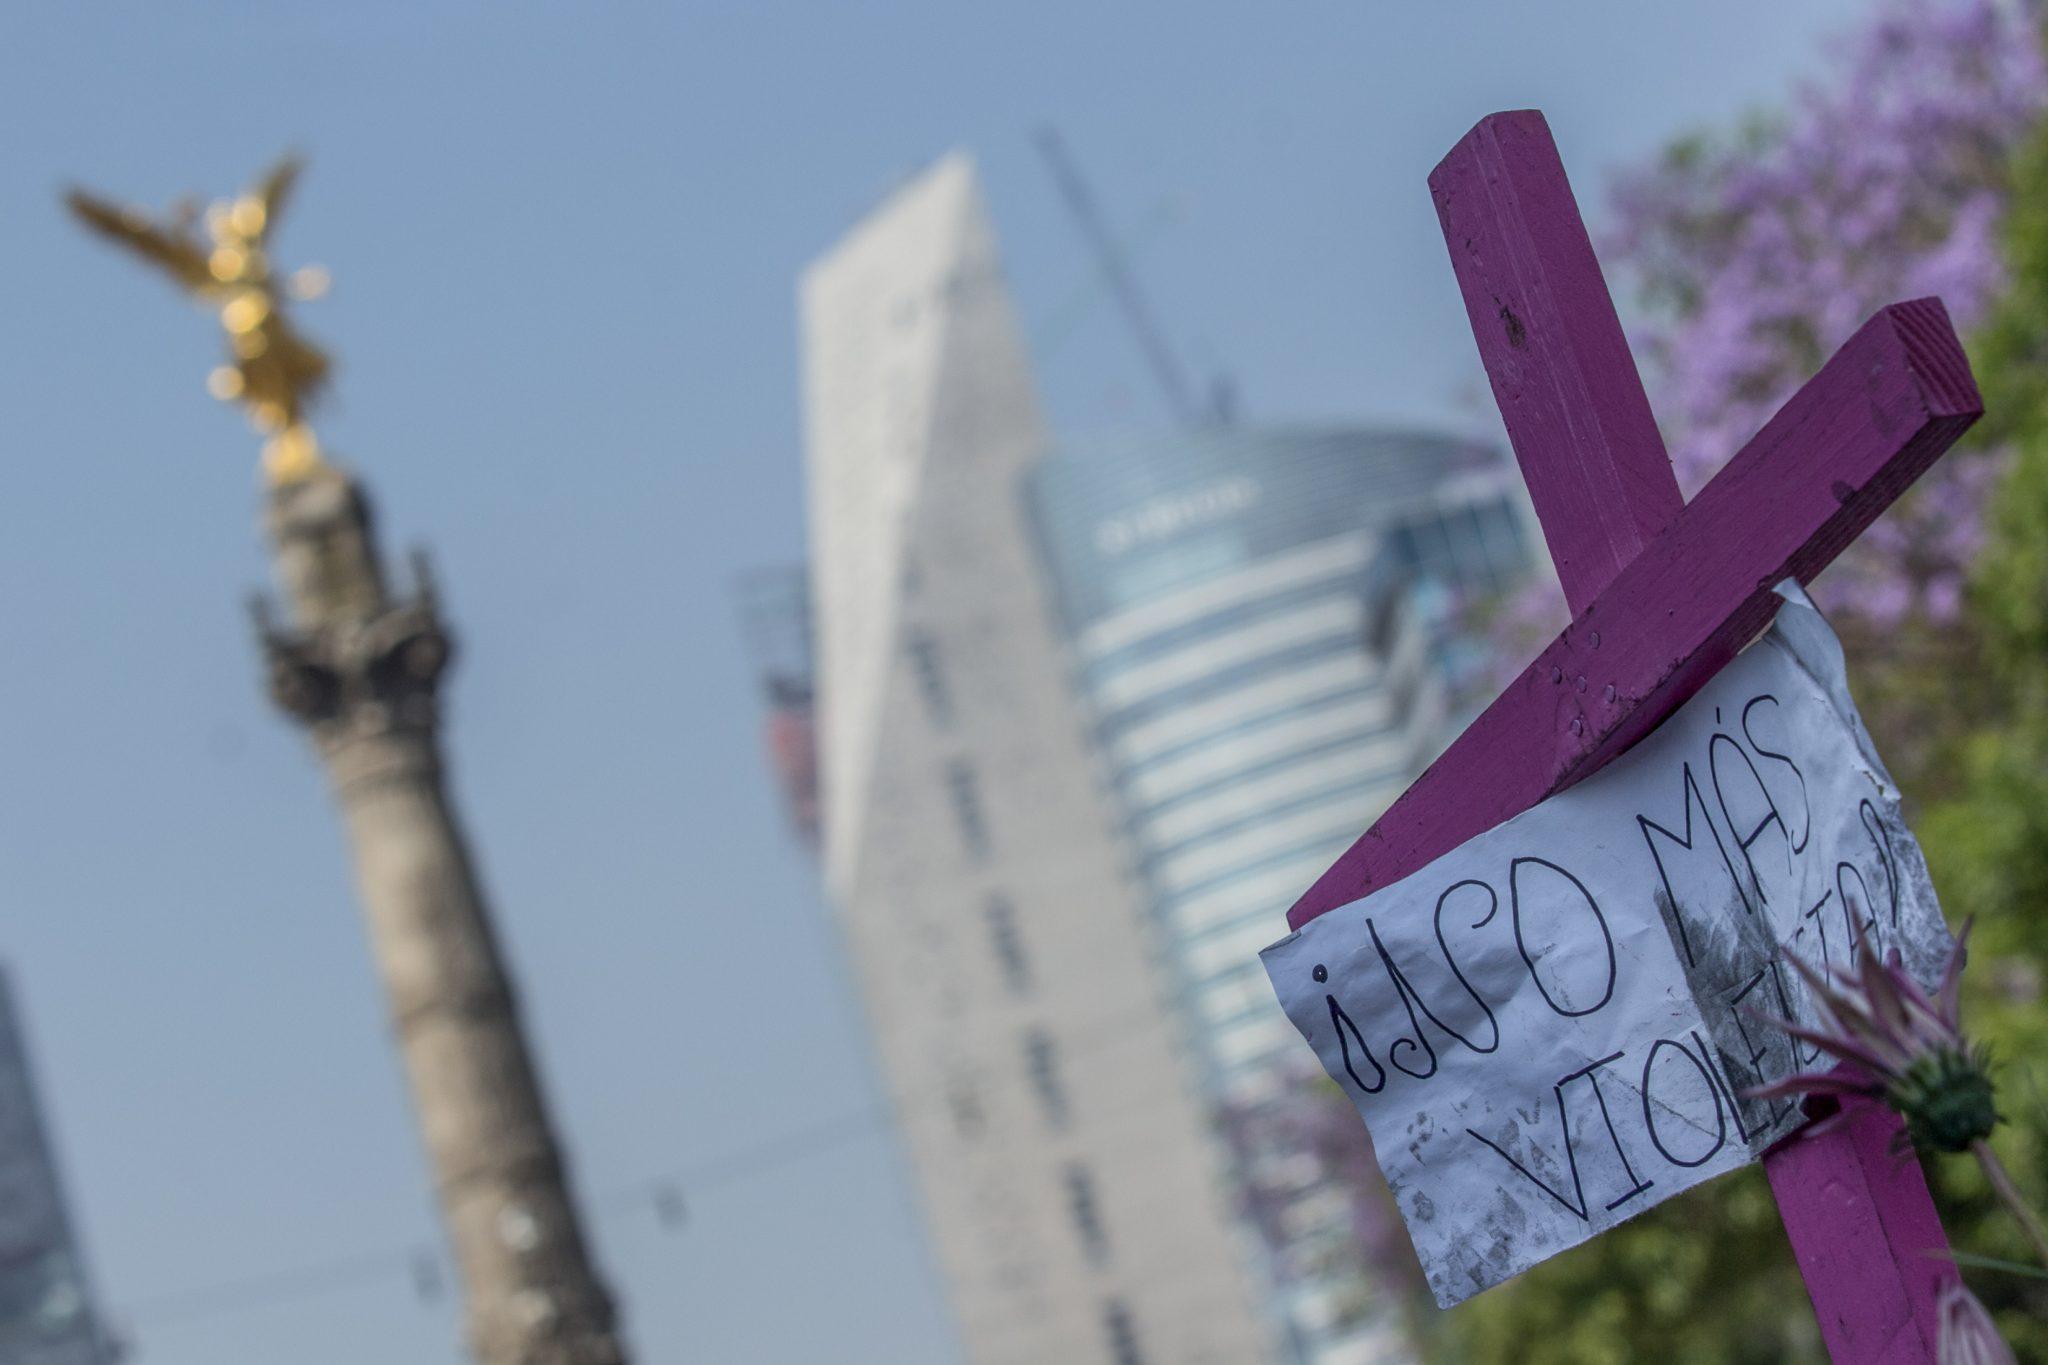 Incrementan de 40 hasta 60 años por feminicidio en CDMX